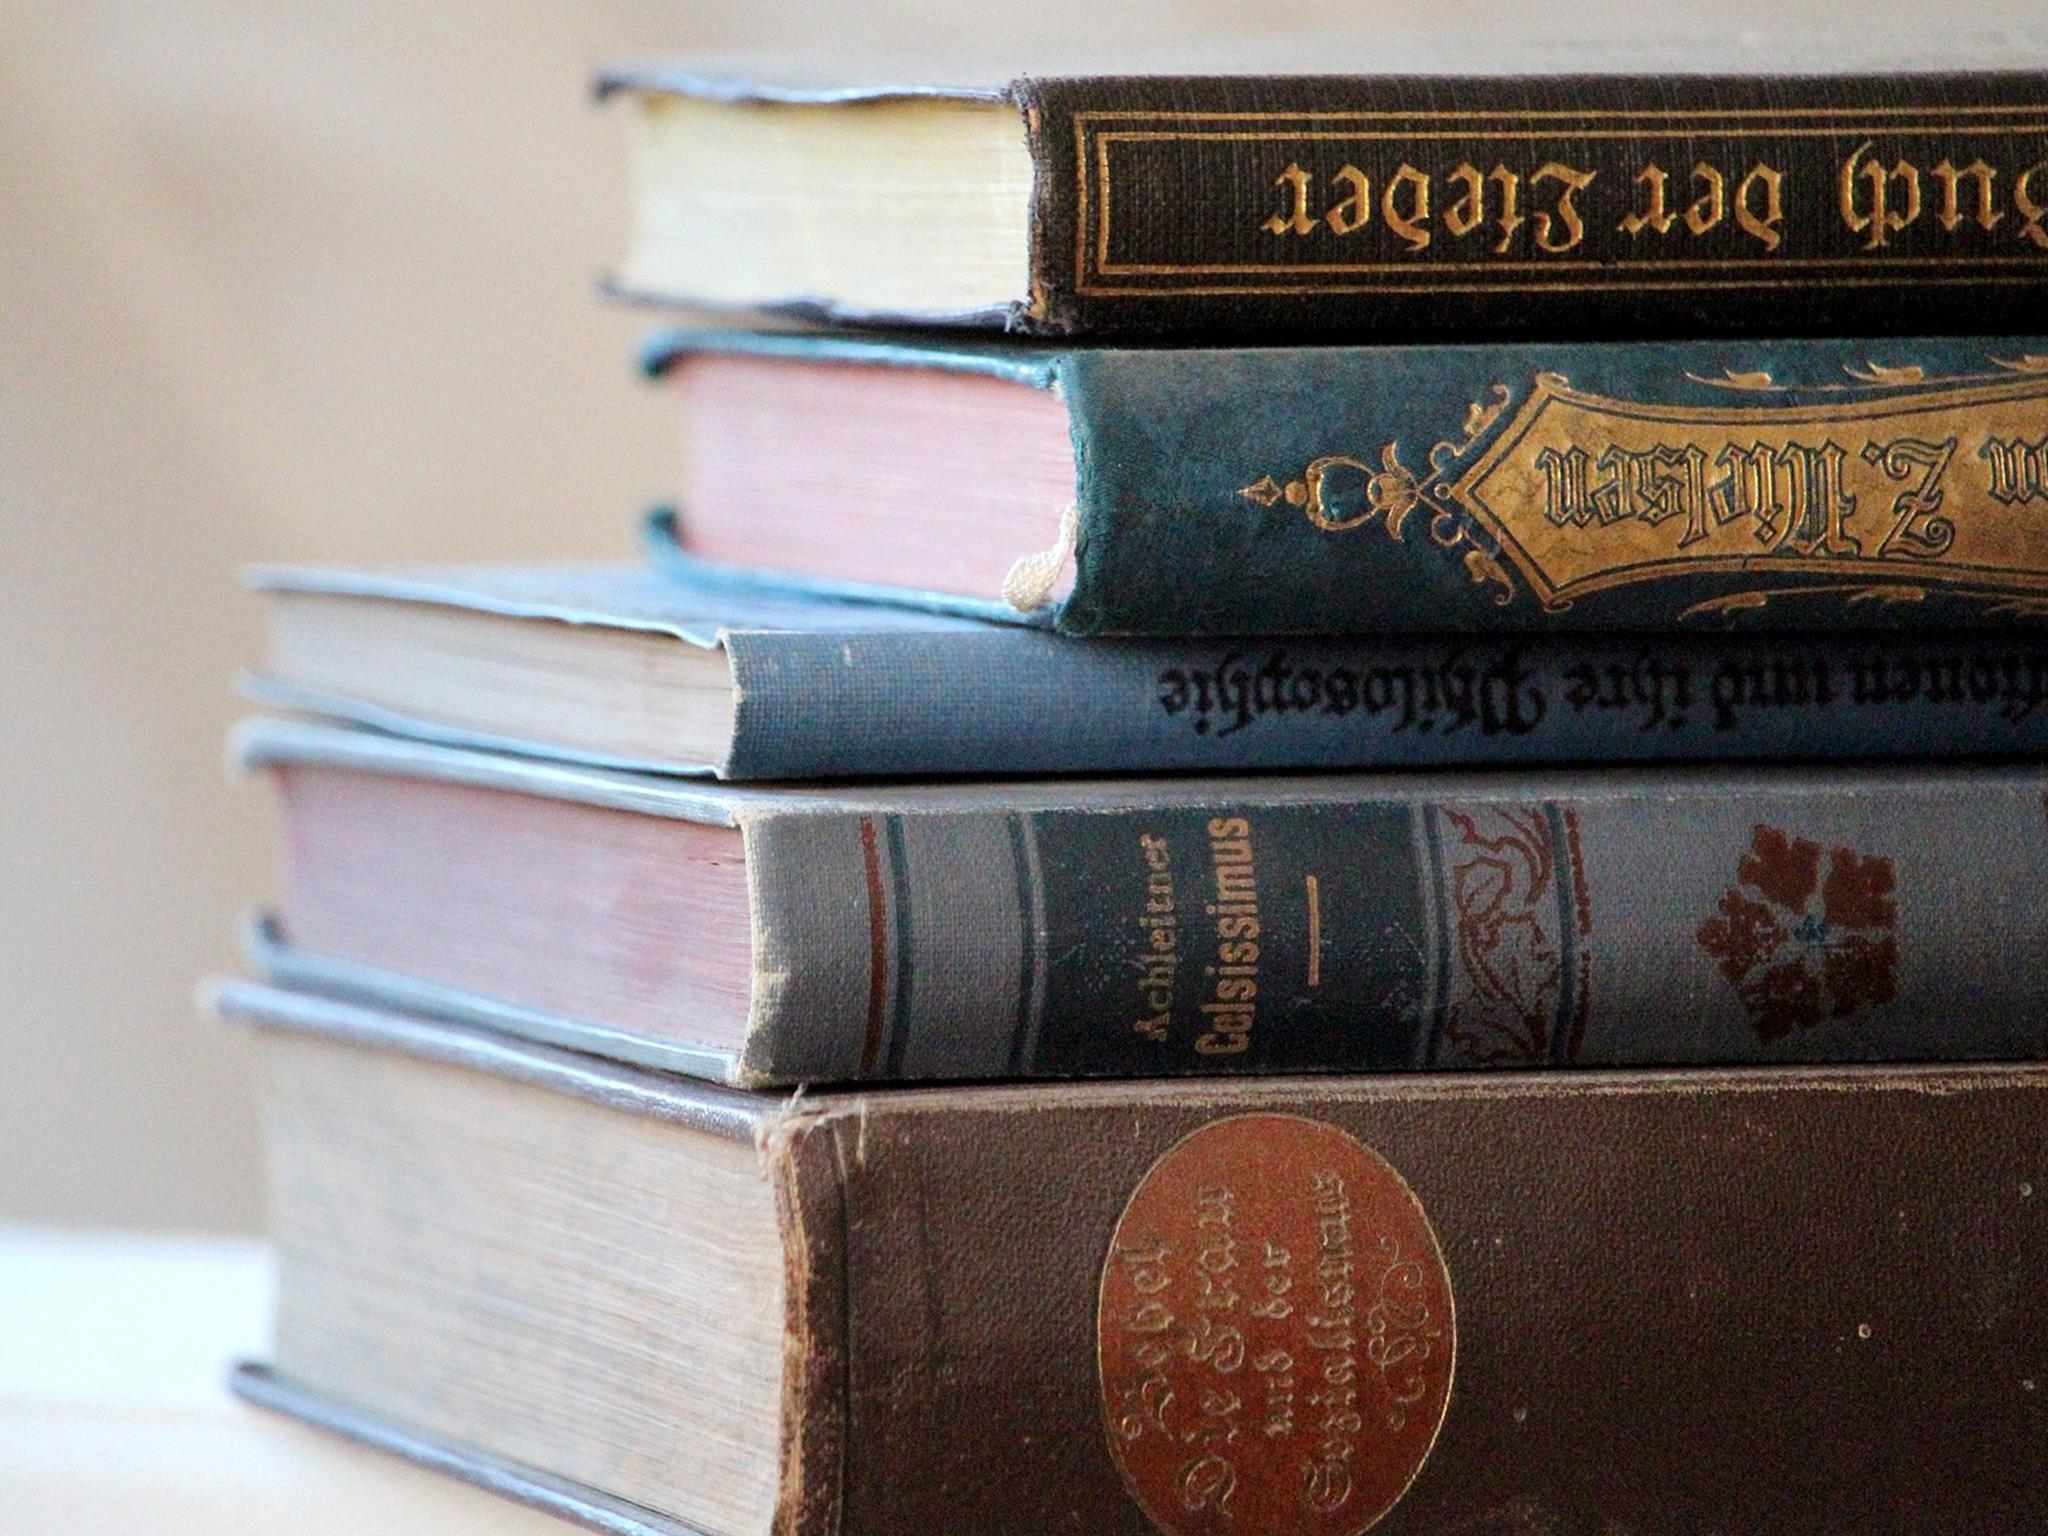 Literaturanalyse 1 - Rechts und Links